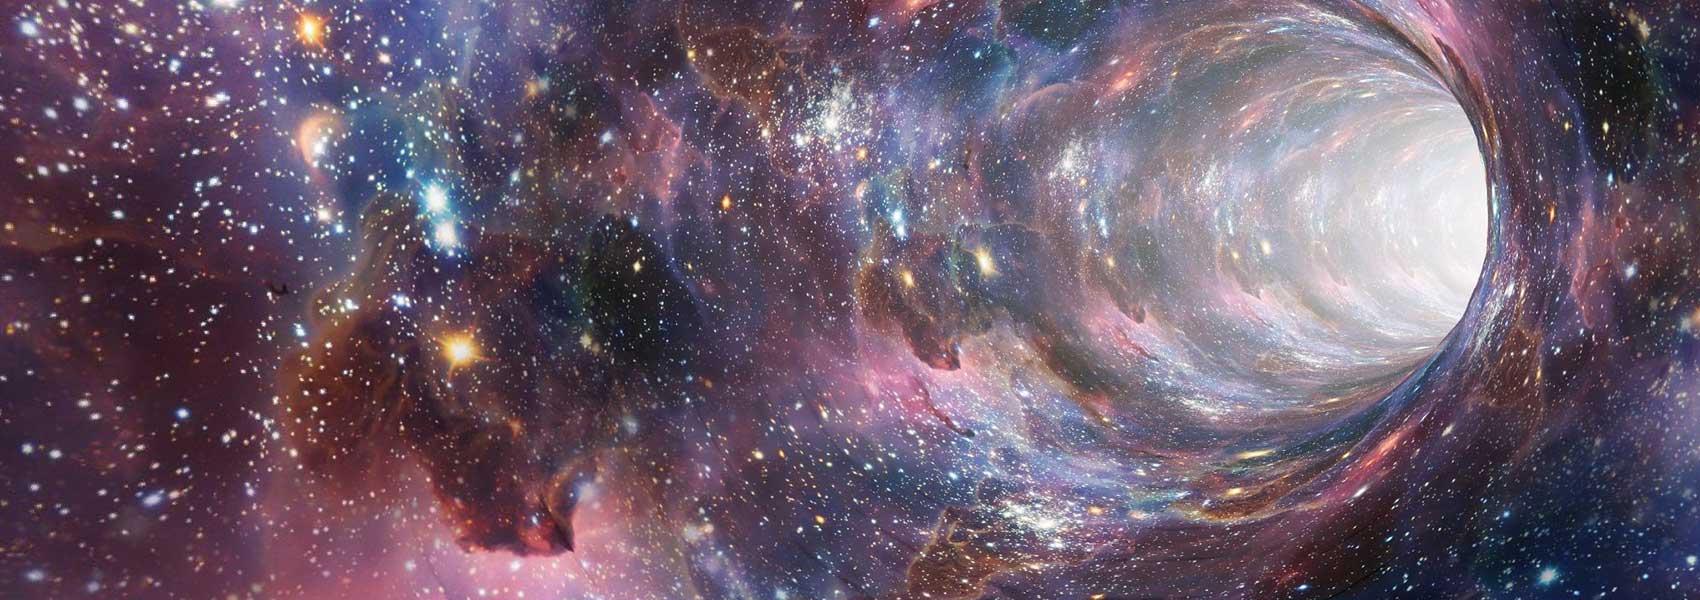 Astralreisen lernen mit Anleitung durch Mental Coach